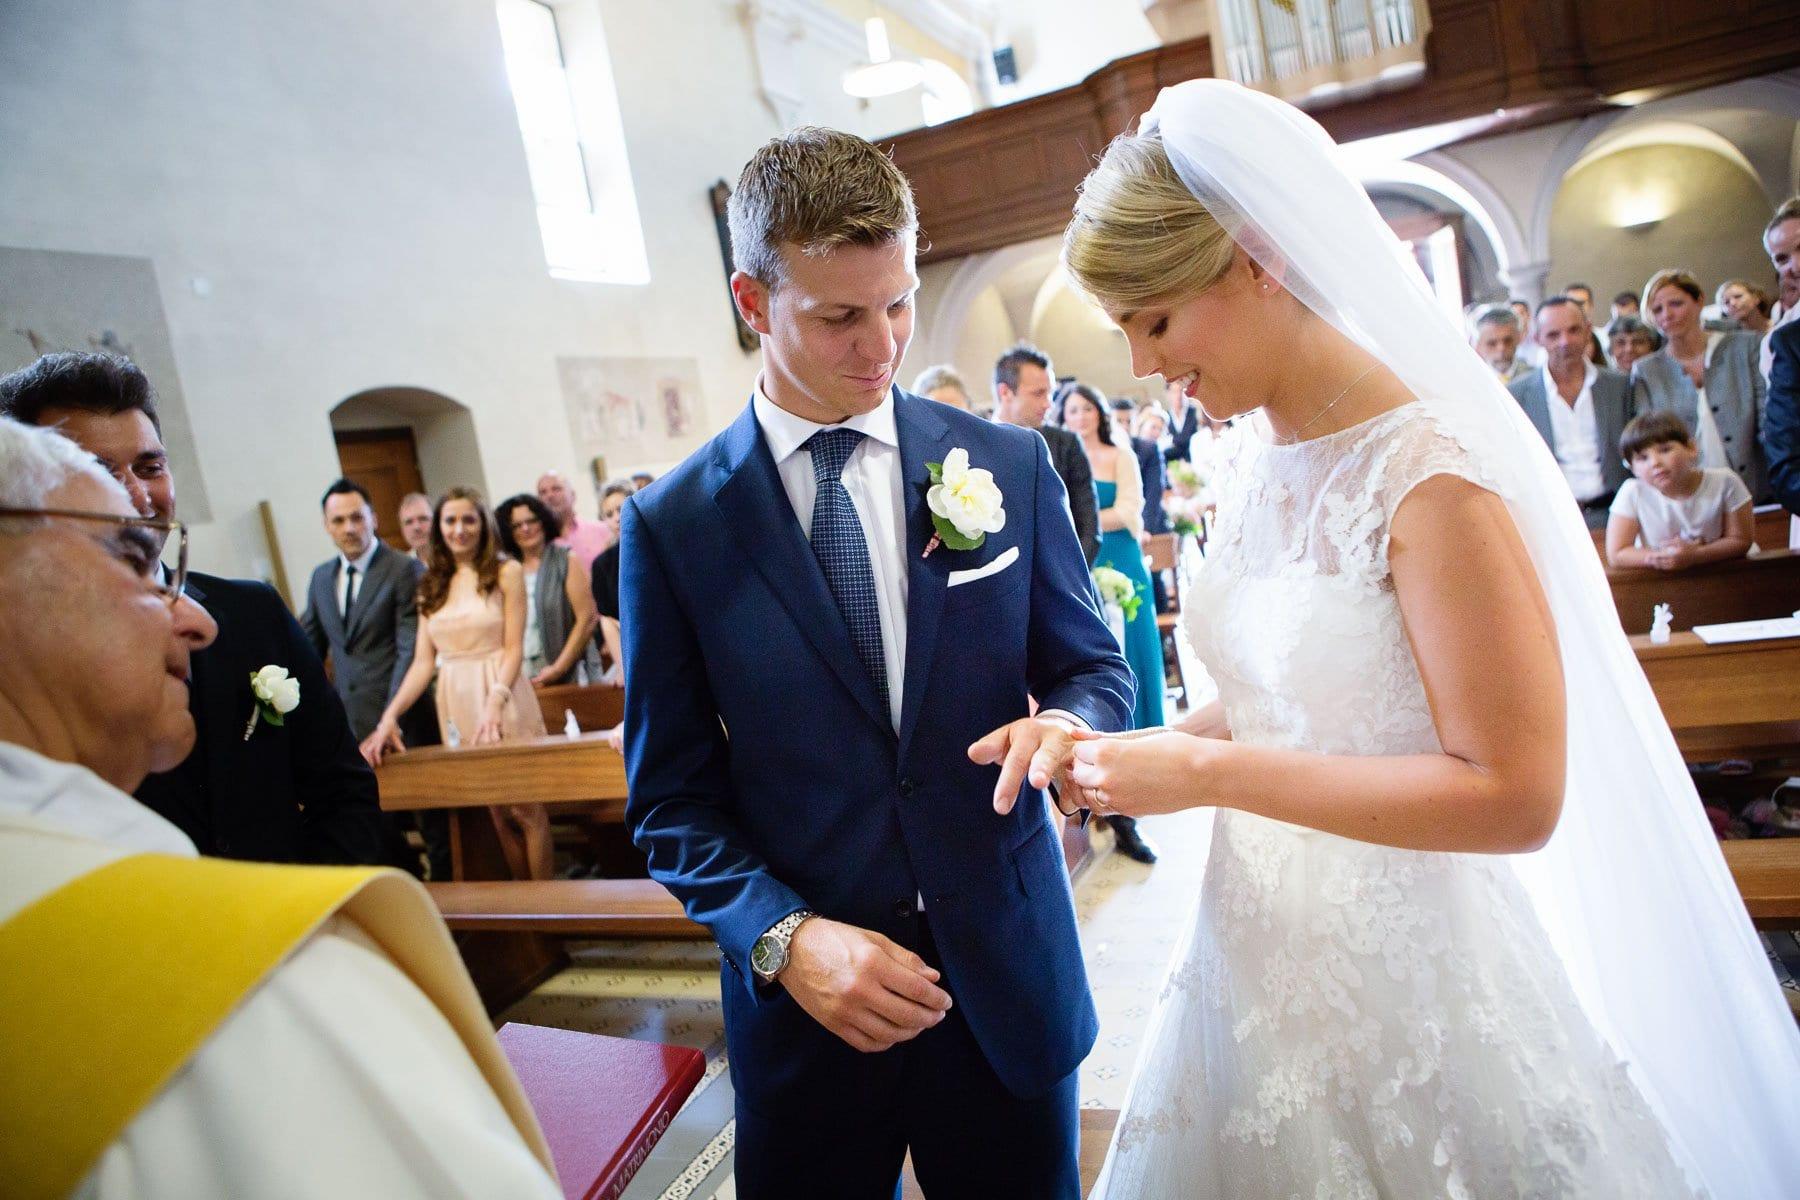 Matrimonio a Giubiasco - Scambio degli anelli